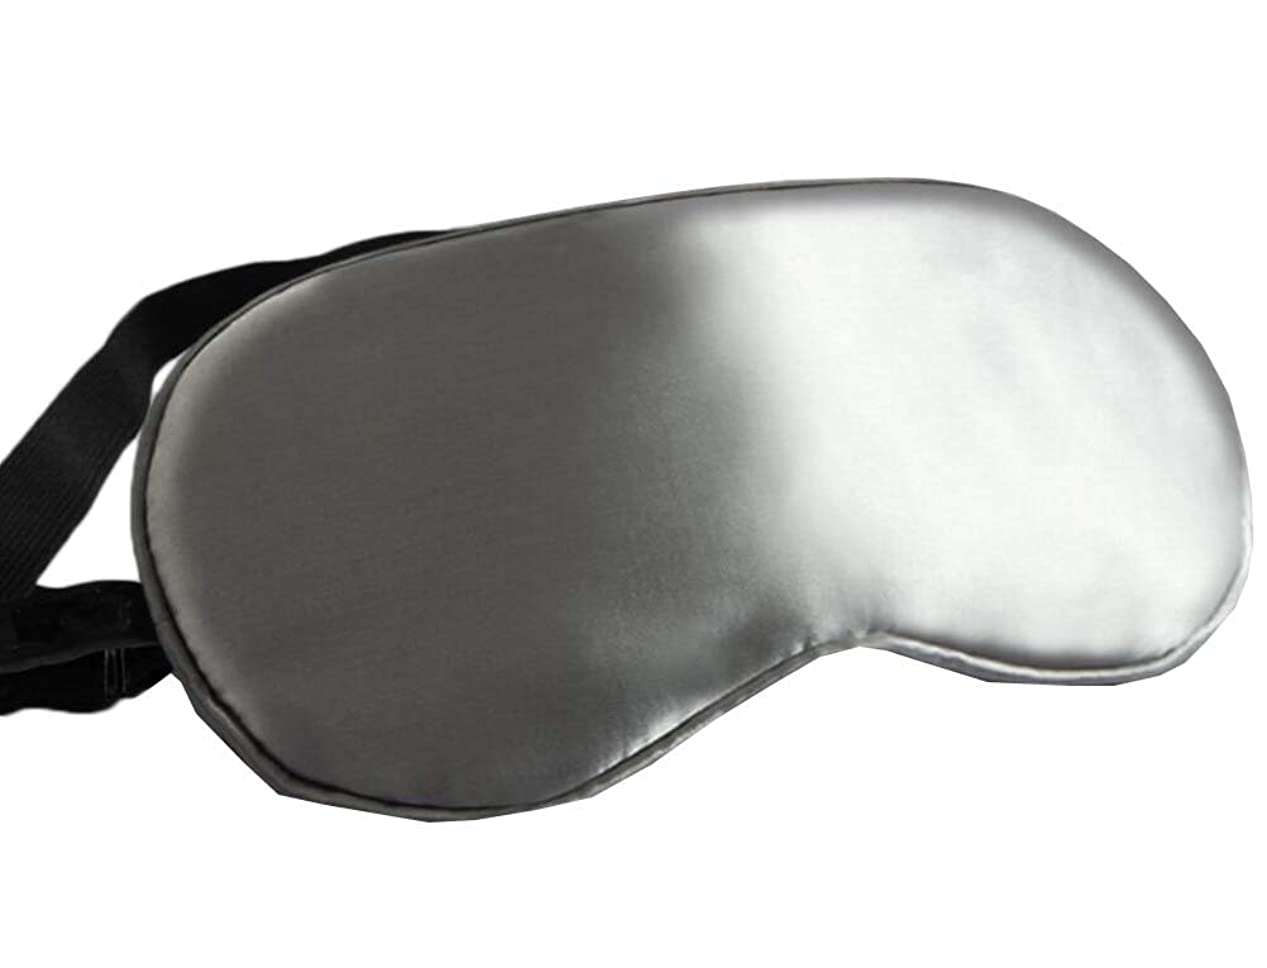 シルクスリープアイマスク旅行とシフトワークとナップのための - 08